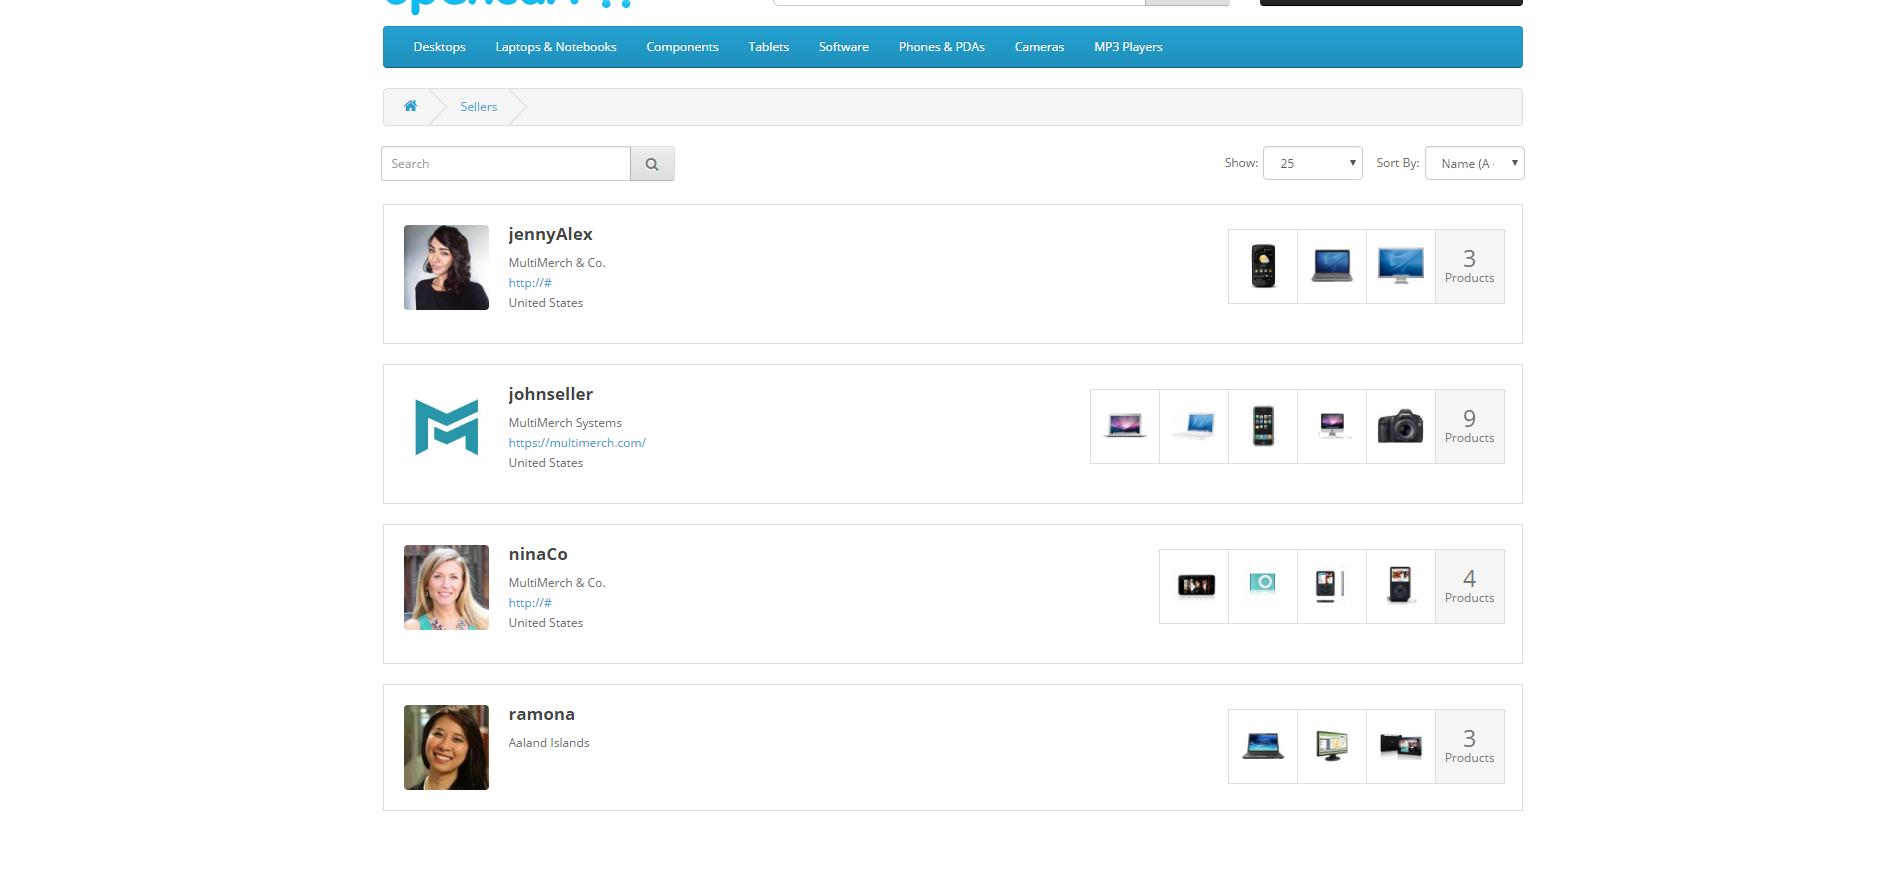 MultiMerch Marketplace Professional - мультивендорная платформа для продавцов v8.9 для OpenCart и ocStore изображение №15